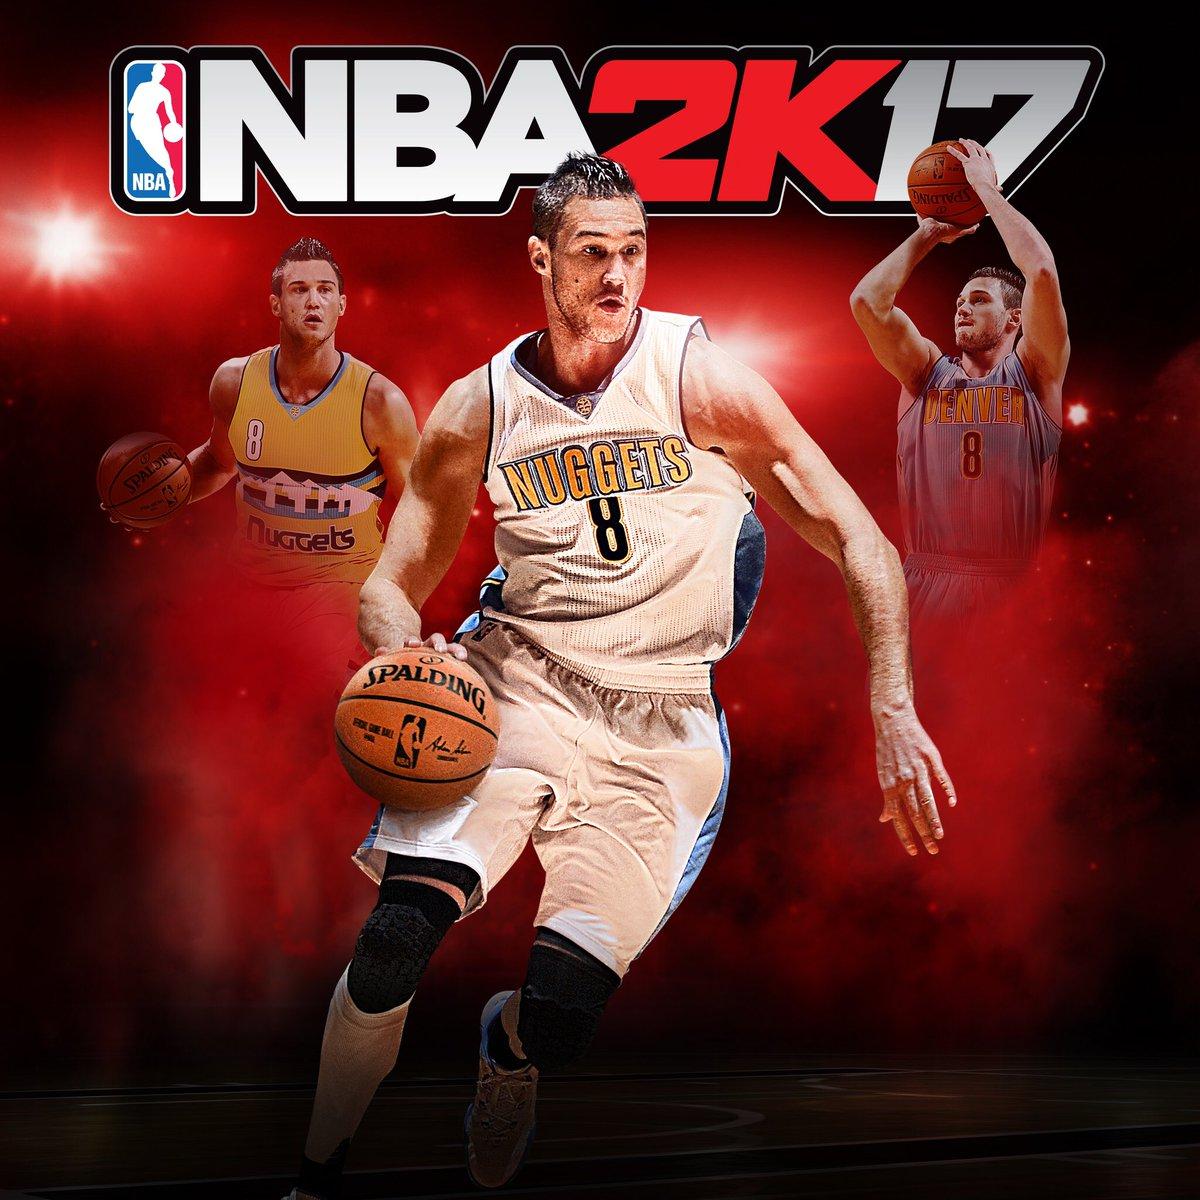 Sono onorato di essere l'atleta di copertina per @NBA2K!Gioca con me #NBA2K17 dal 16 Settembre.#ThisIsNotAGame https://t.co/25bFkWCBoJ